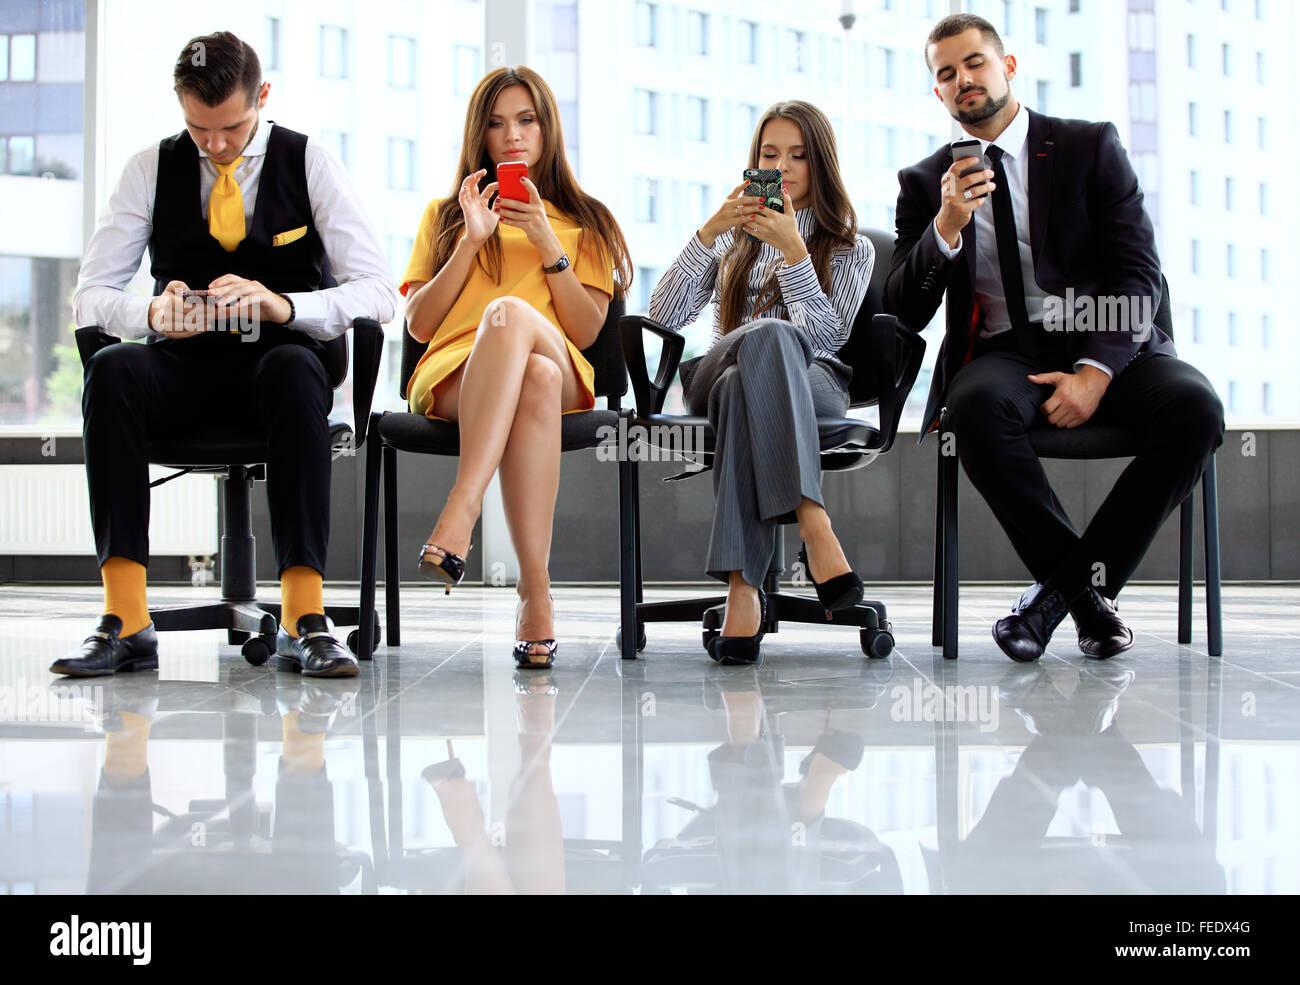 Les personnes en attente d'entrevue d'emploi Photo Stock